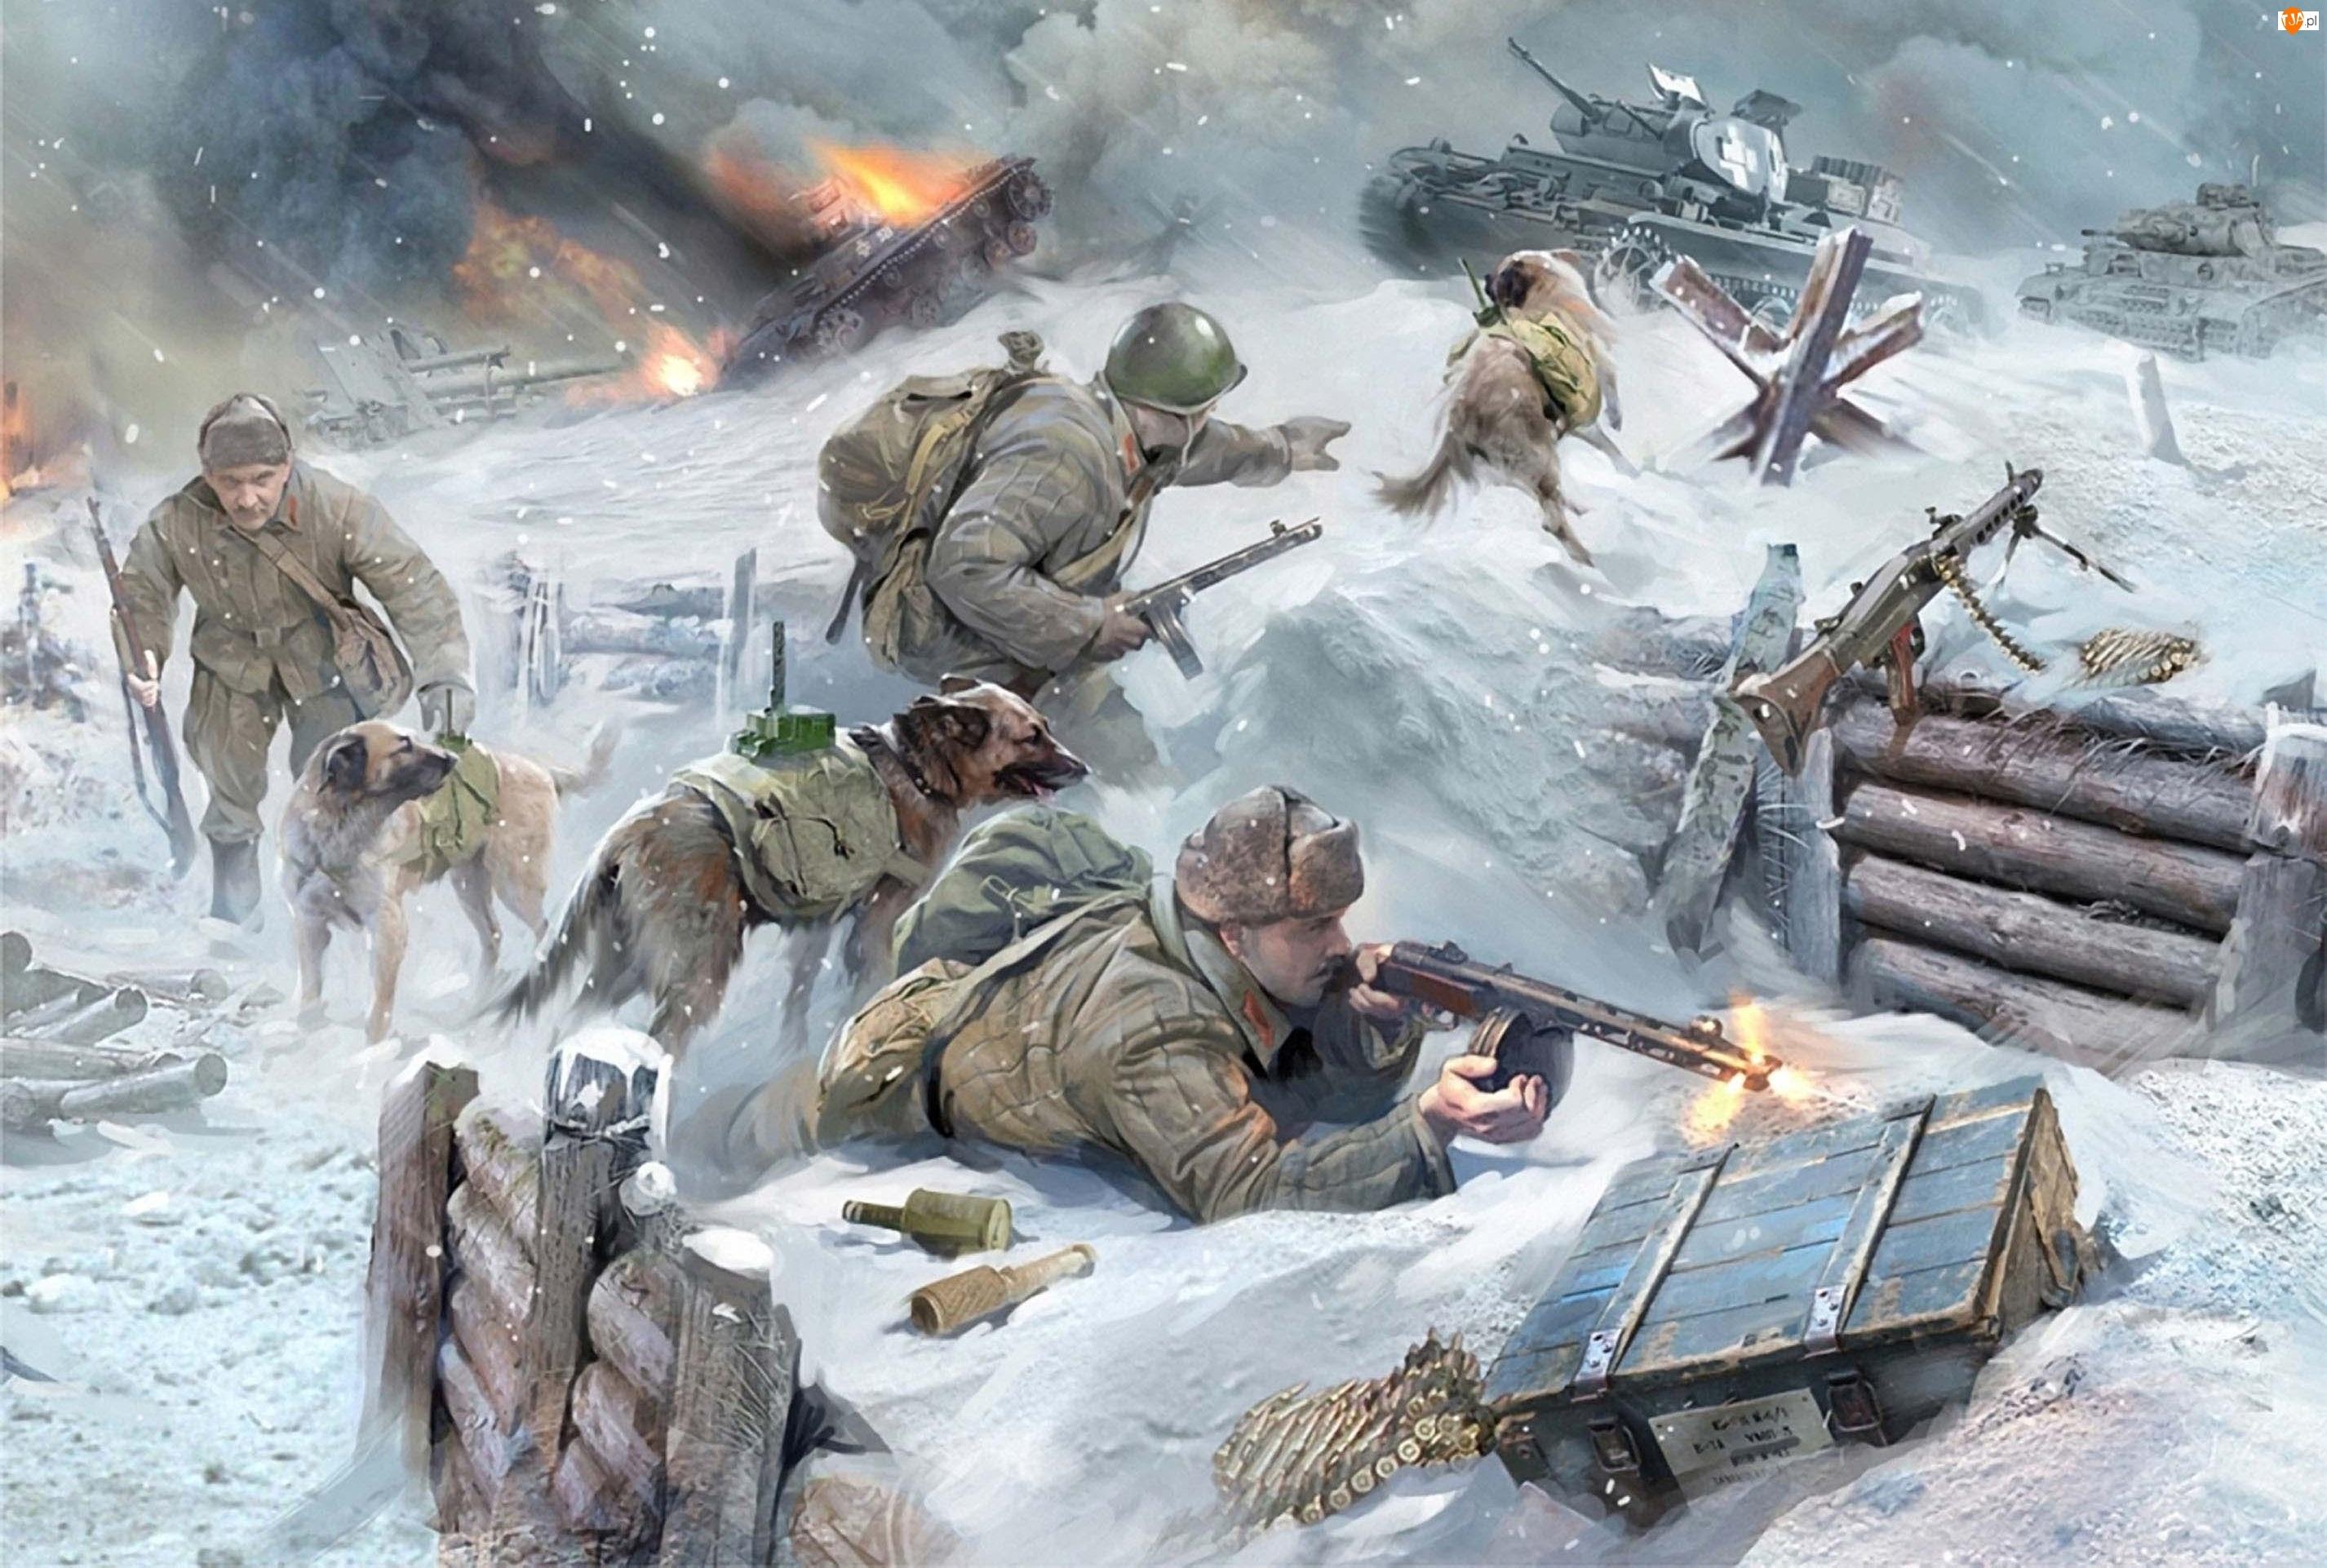 Ogień, Żołnierze, Broń, Czołgi, Walka